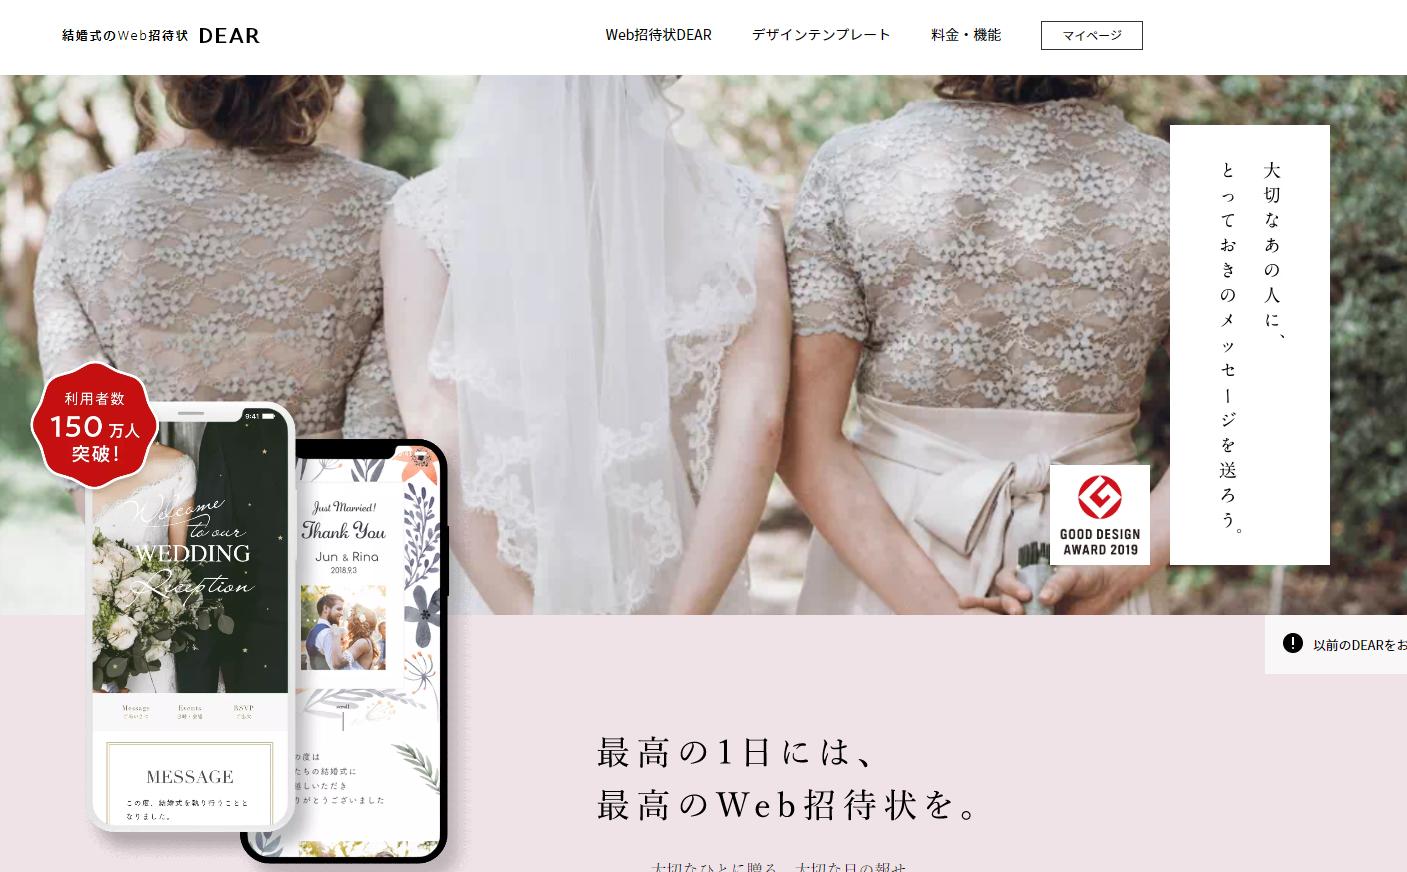 結婚式WEB招待状のDEAR